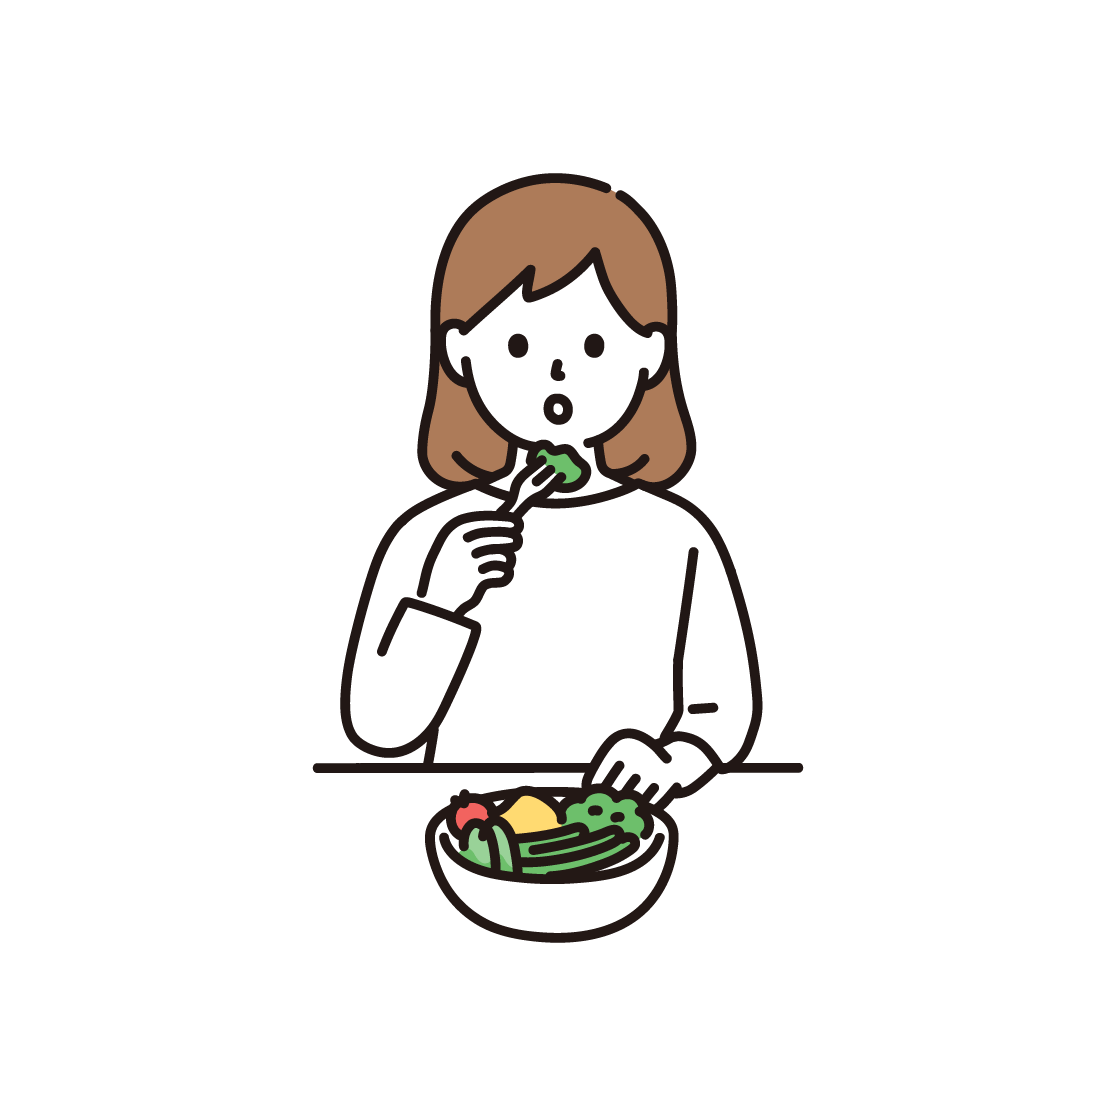 食事制限をする女性